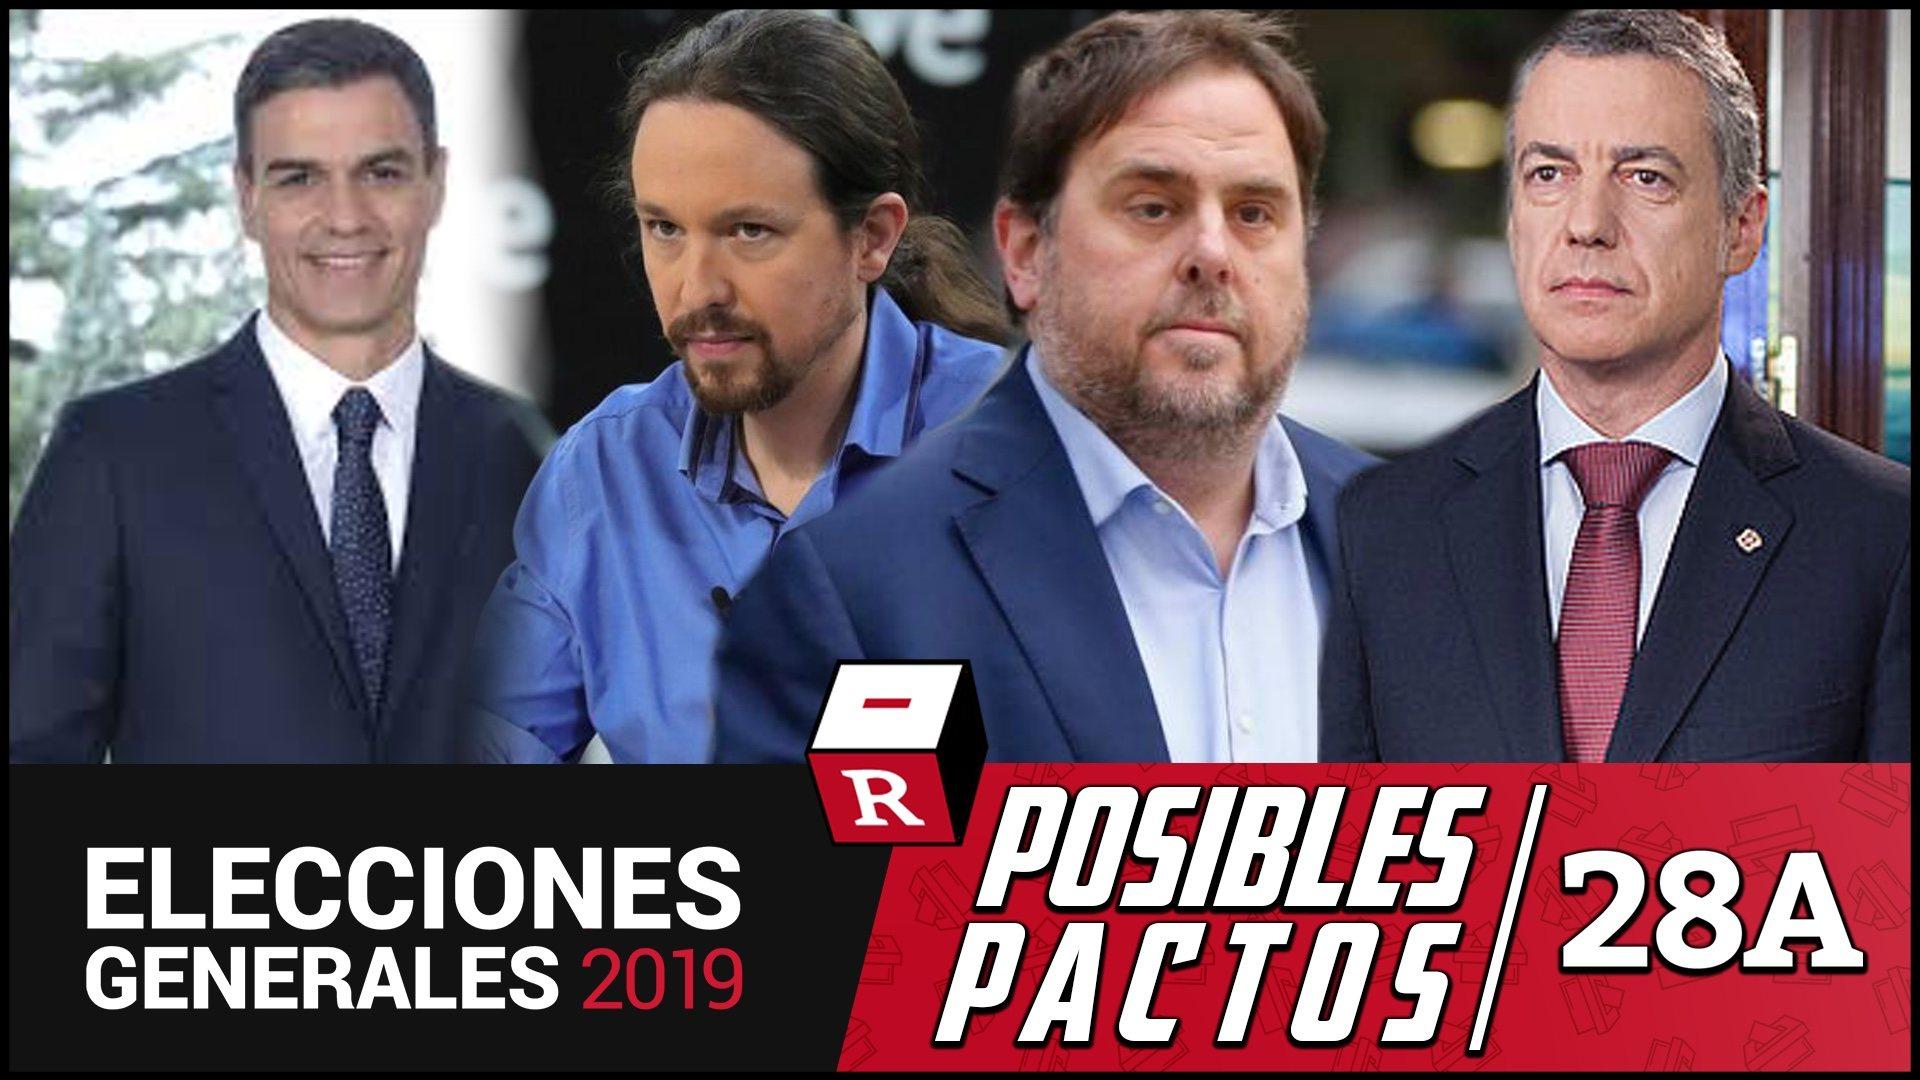 Pedro Sánchez podría gobernar con el apoyo de Podemos, ERC y PNV (177 escaños) y evitar a Puigdemont (poco proclive al pacto); según el ...